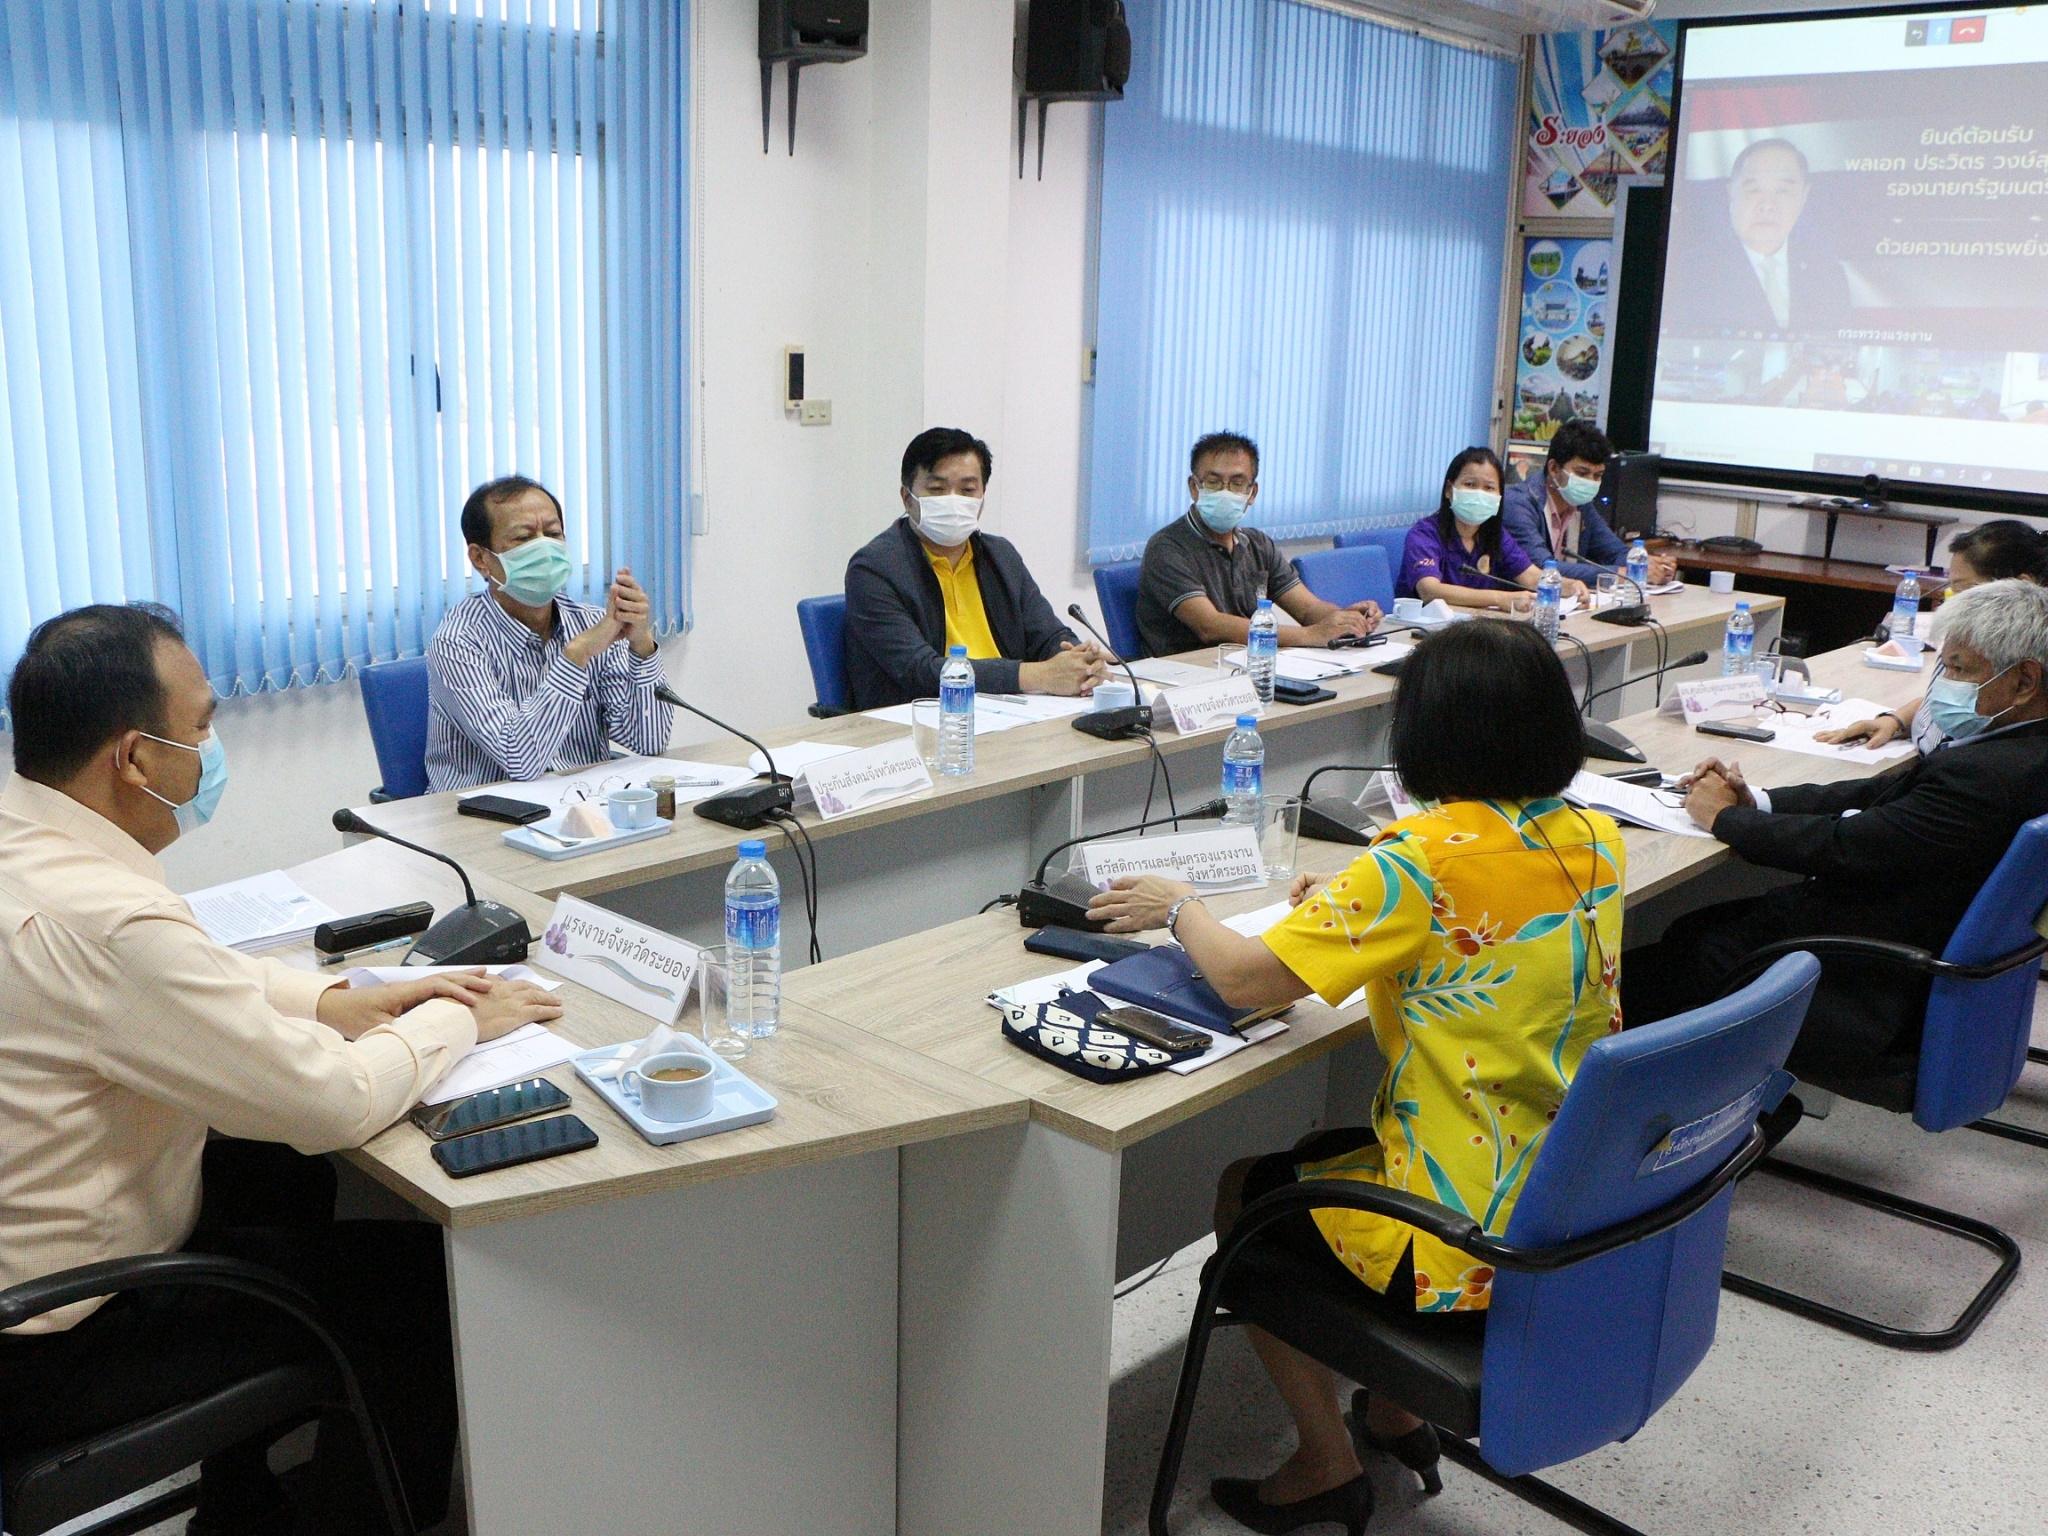 ประชุมตรวจเยี่ยม และติดตามการขับเคลื่อนการดำเนินงานมาตรการให้ความช่วยเหลือผู้ได้รับผลกระทบ COVID-19